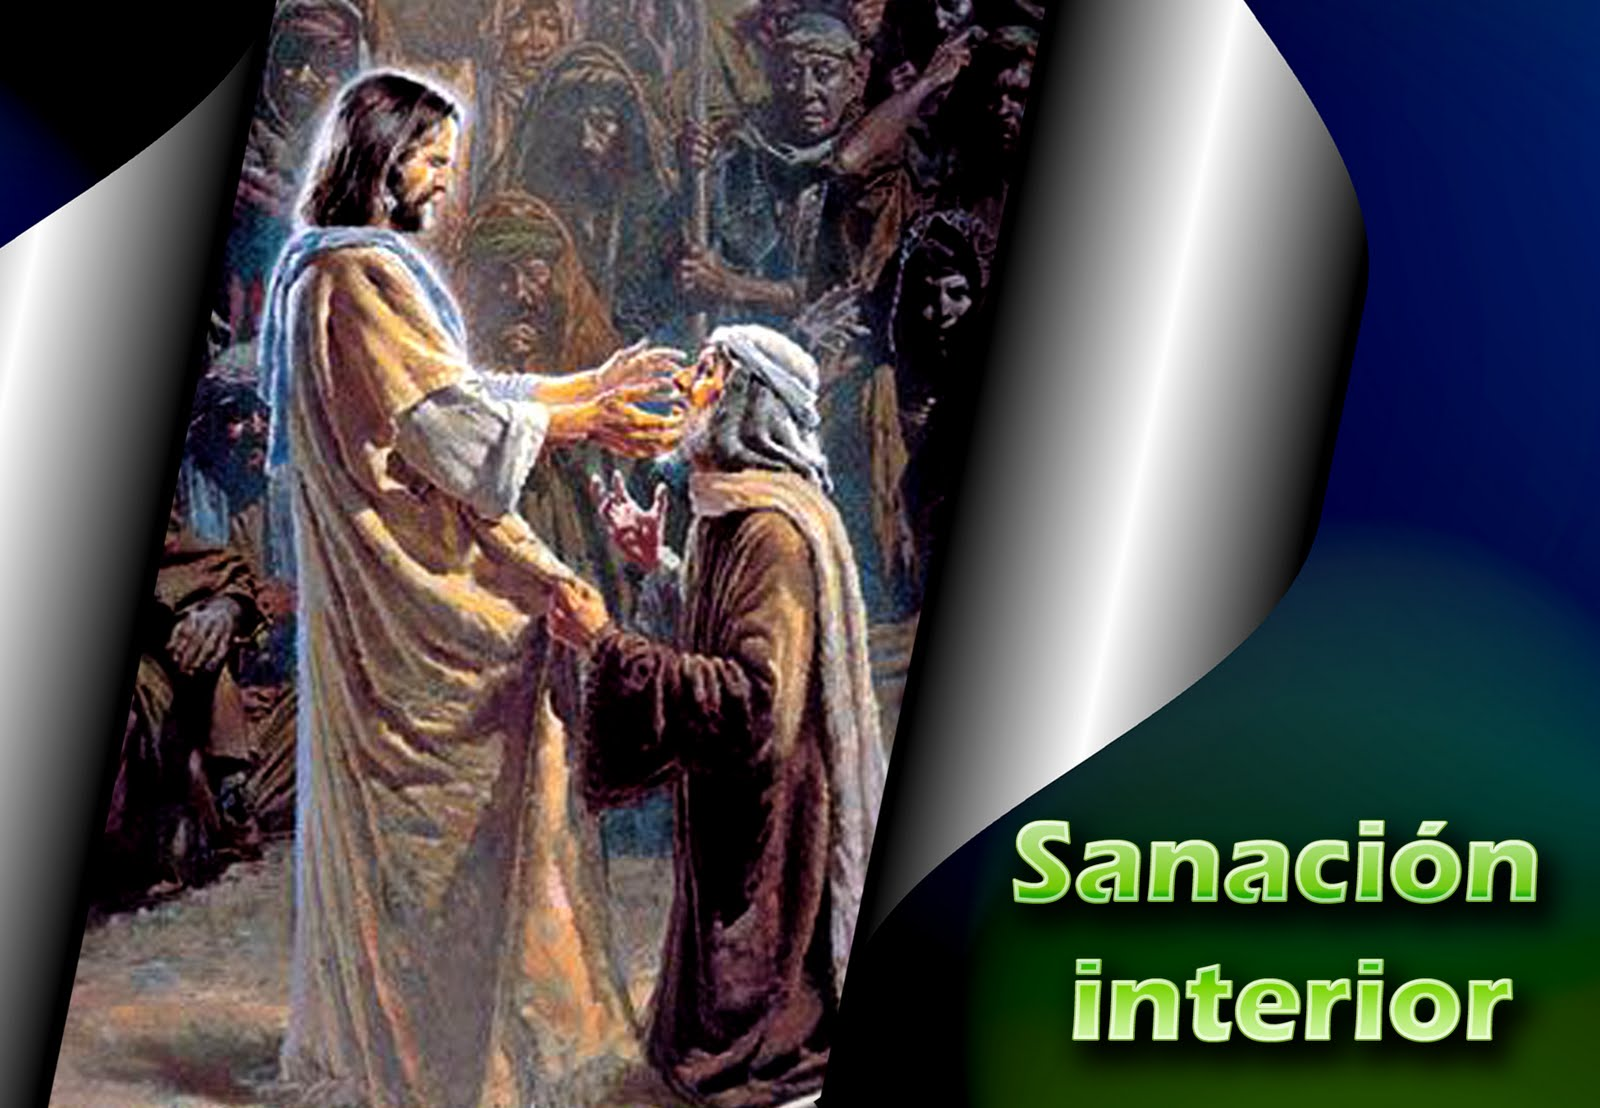 Oracion De Perdon Y Sanacion Interior Espacio De Descorriendo El Velo De Jesus Y Maria